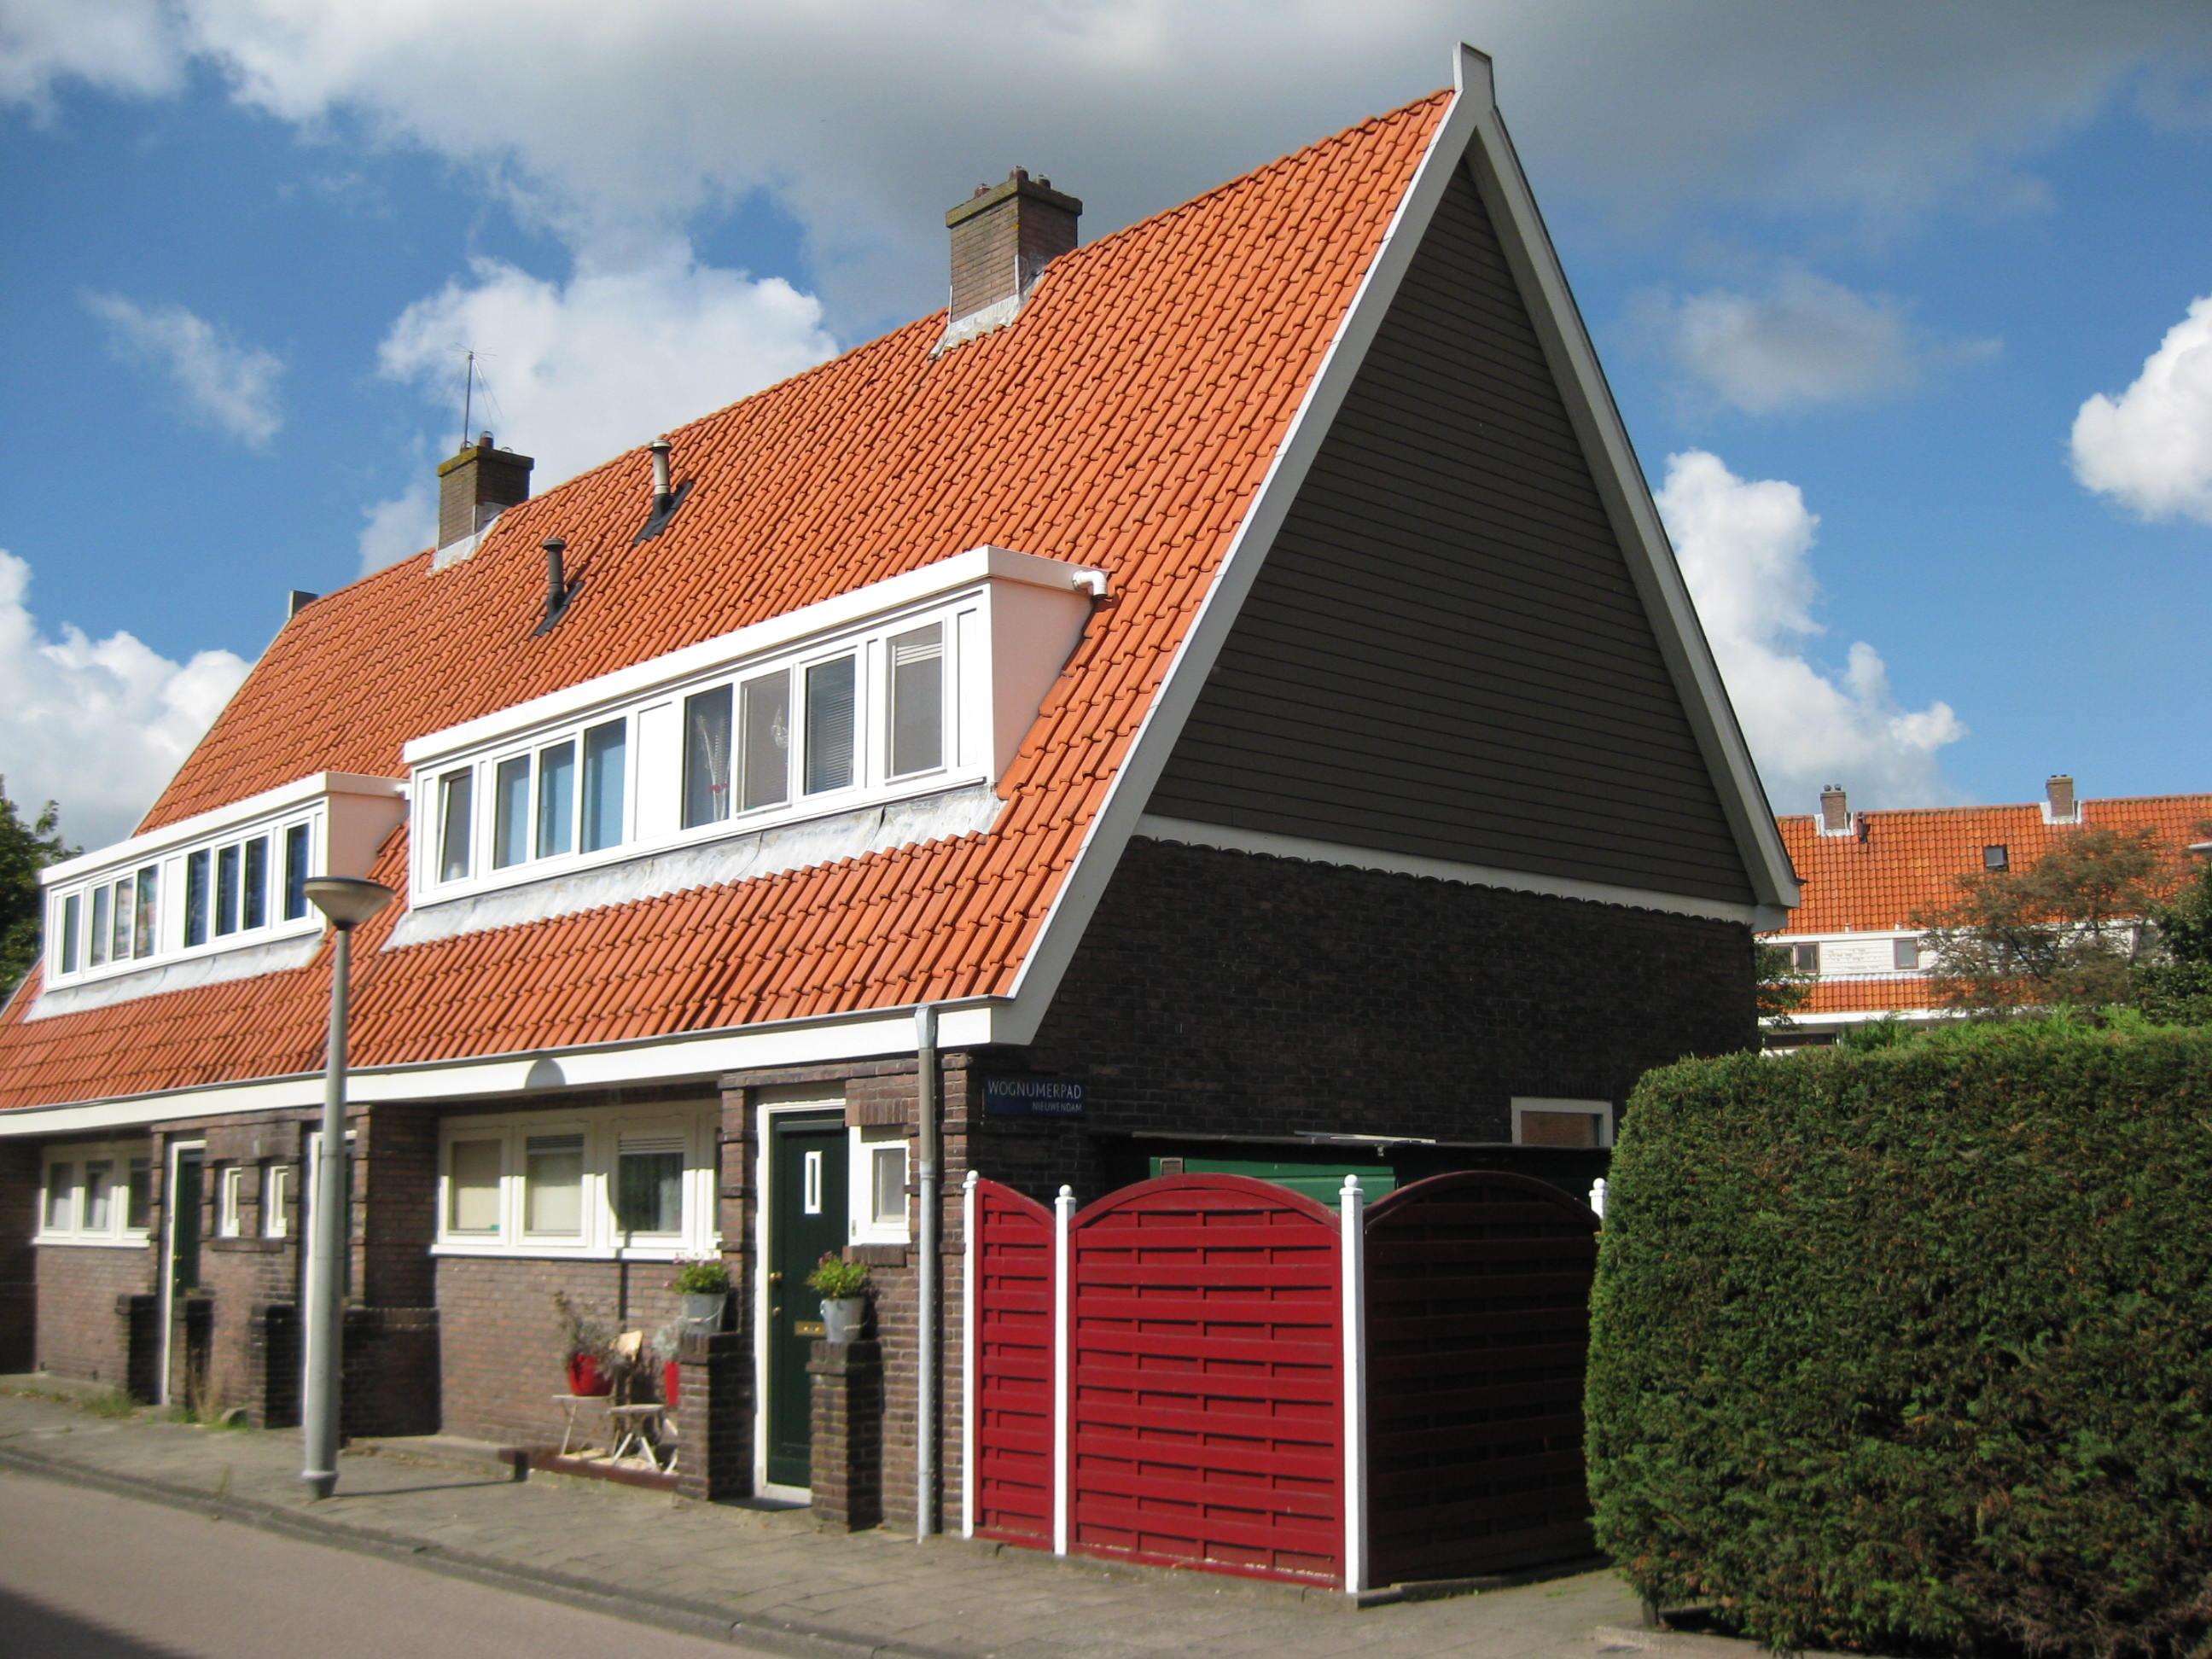 Blok met 4 keukenwoningen, zo genoemd vanwege destijds nieuwe ...